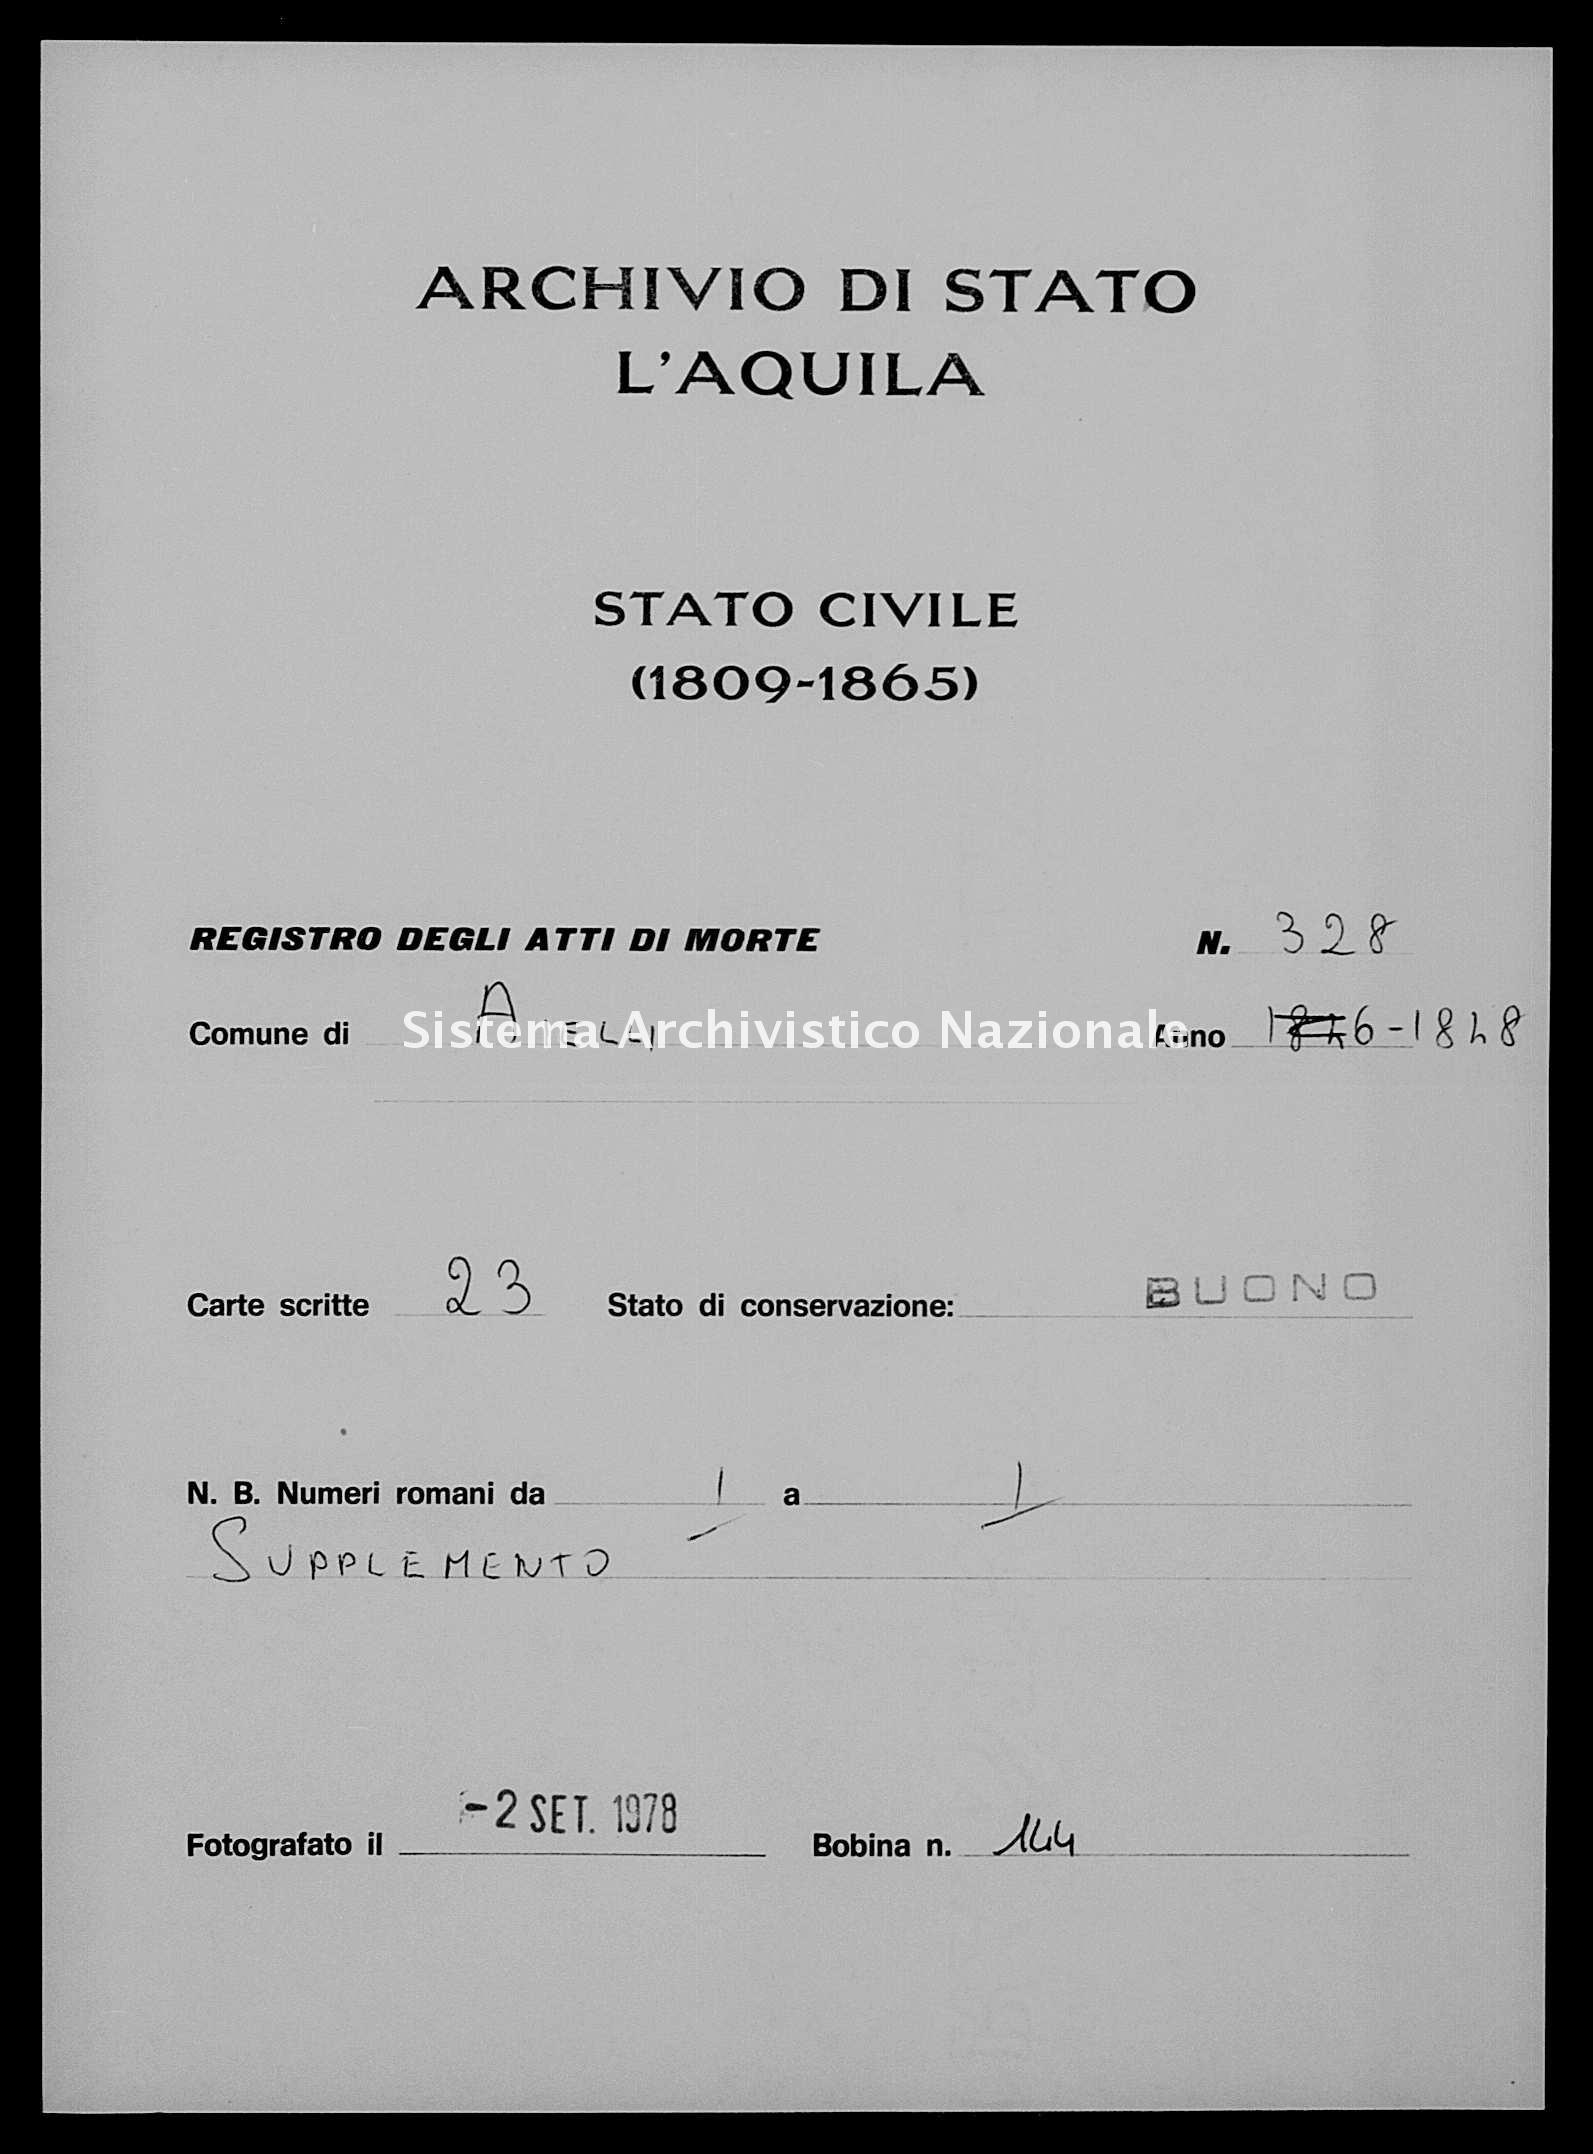 Archivio di stato di L'aquila - Stato civile della restaurazione - Aielli - Morti - 1848 - 328 -